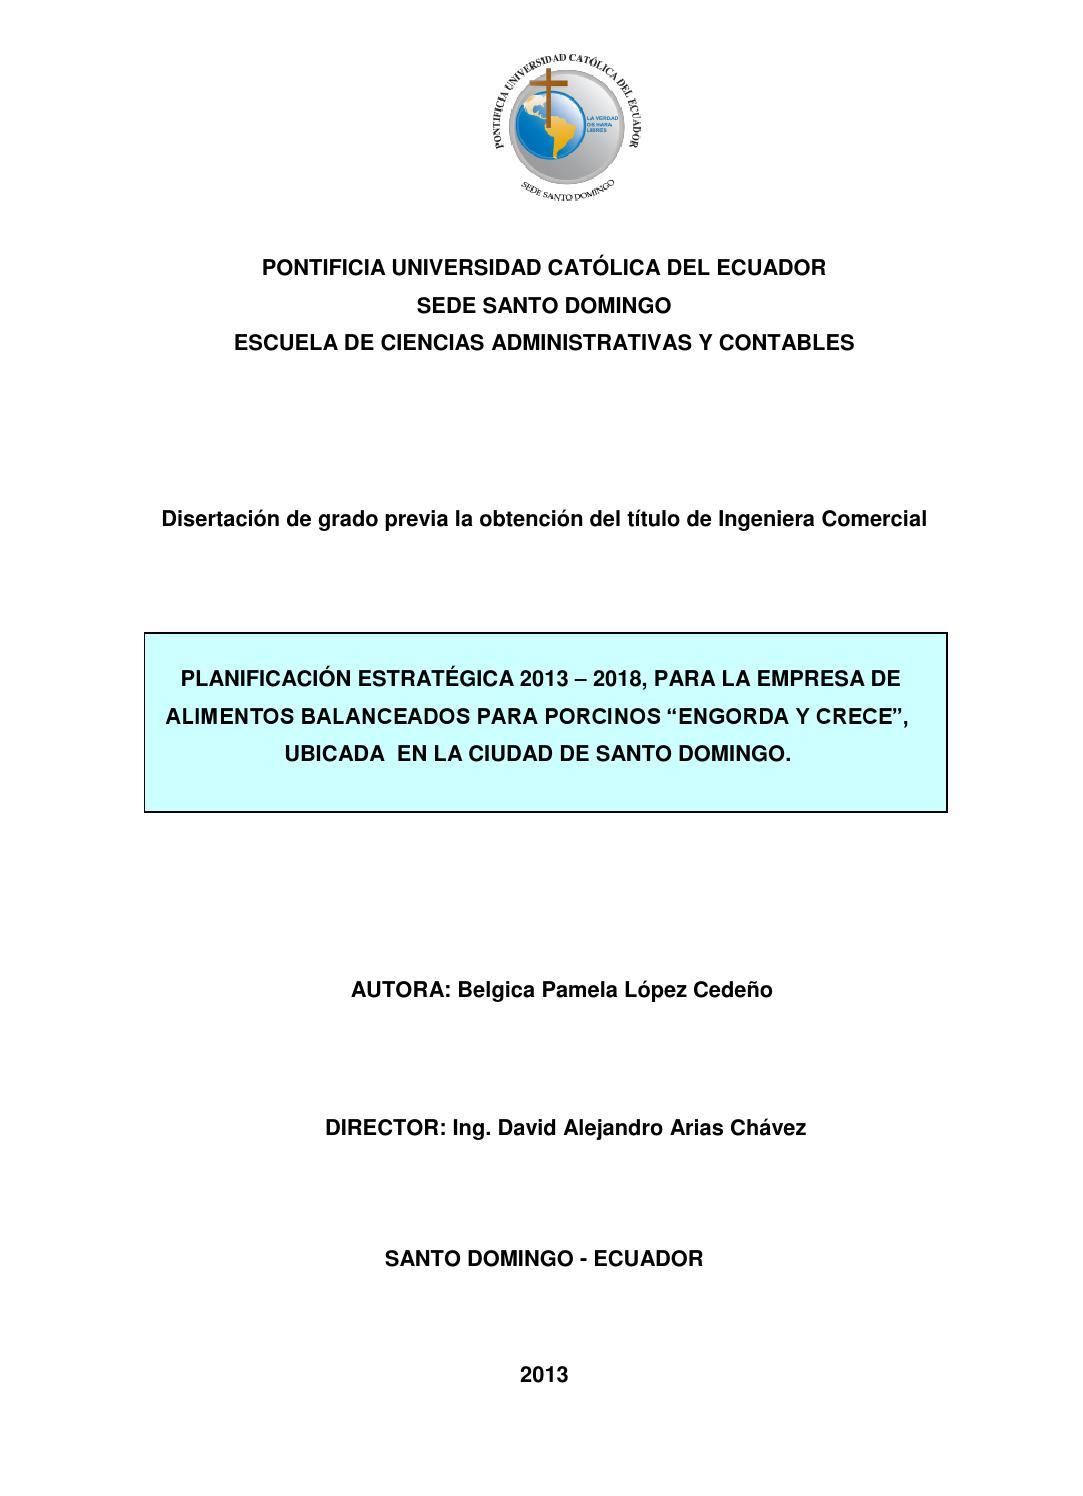 Planificación estratégica 2013 - 2018, para la empresa de alimentos ...